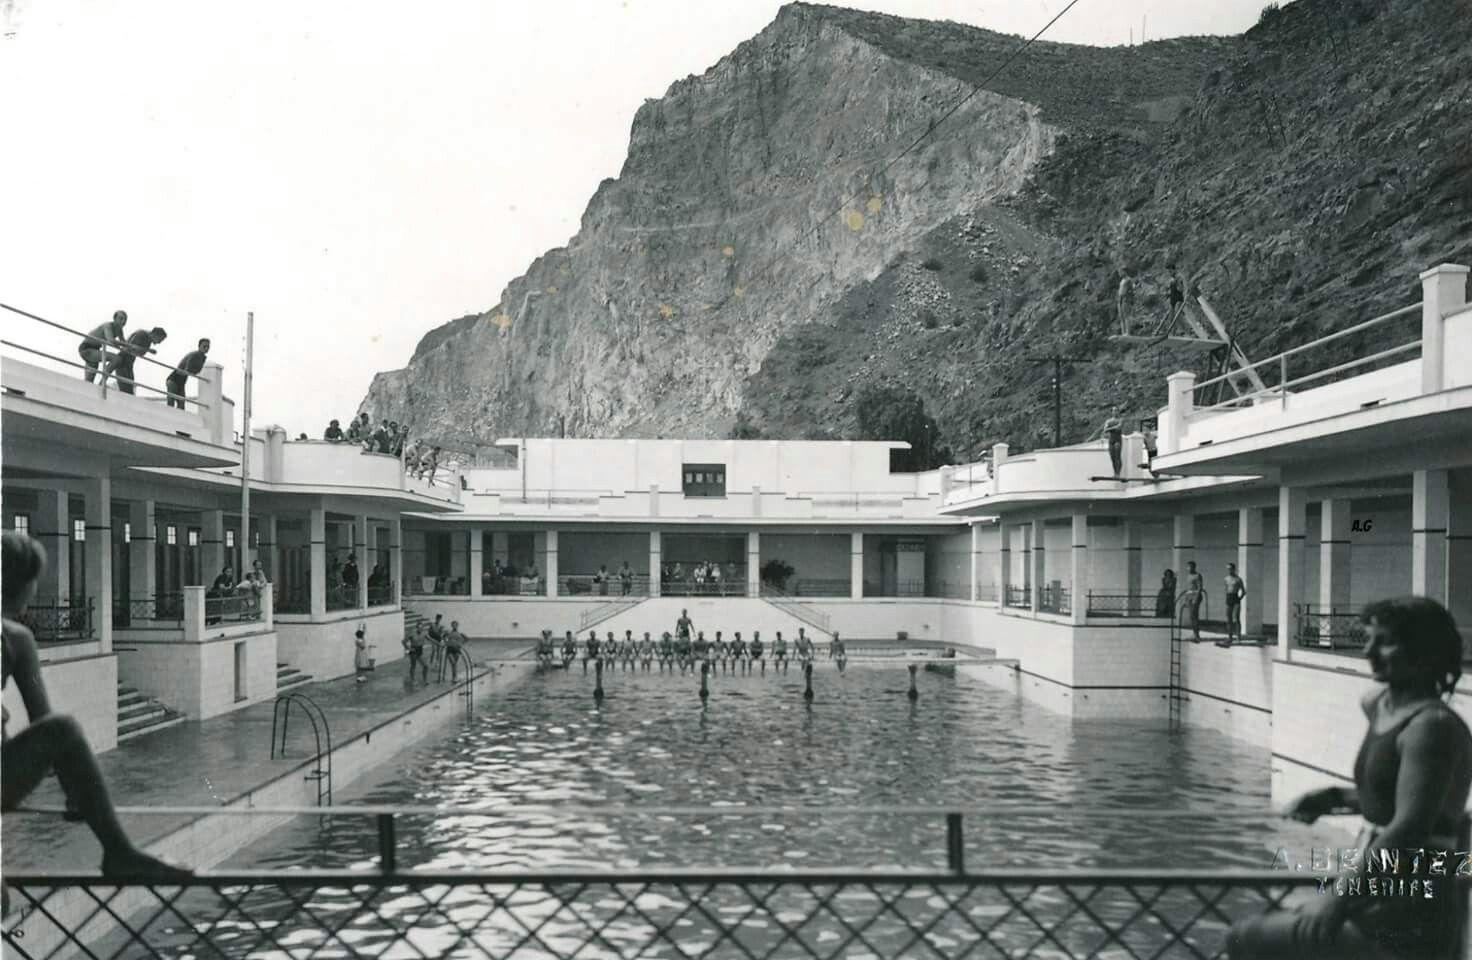 Piscinas balneario 1959 foto ben tez fotos del pasado for Piscinas publicas zaragoza